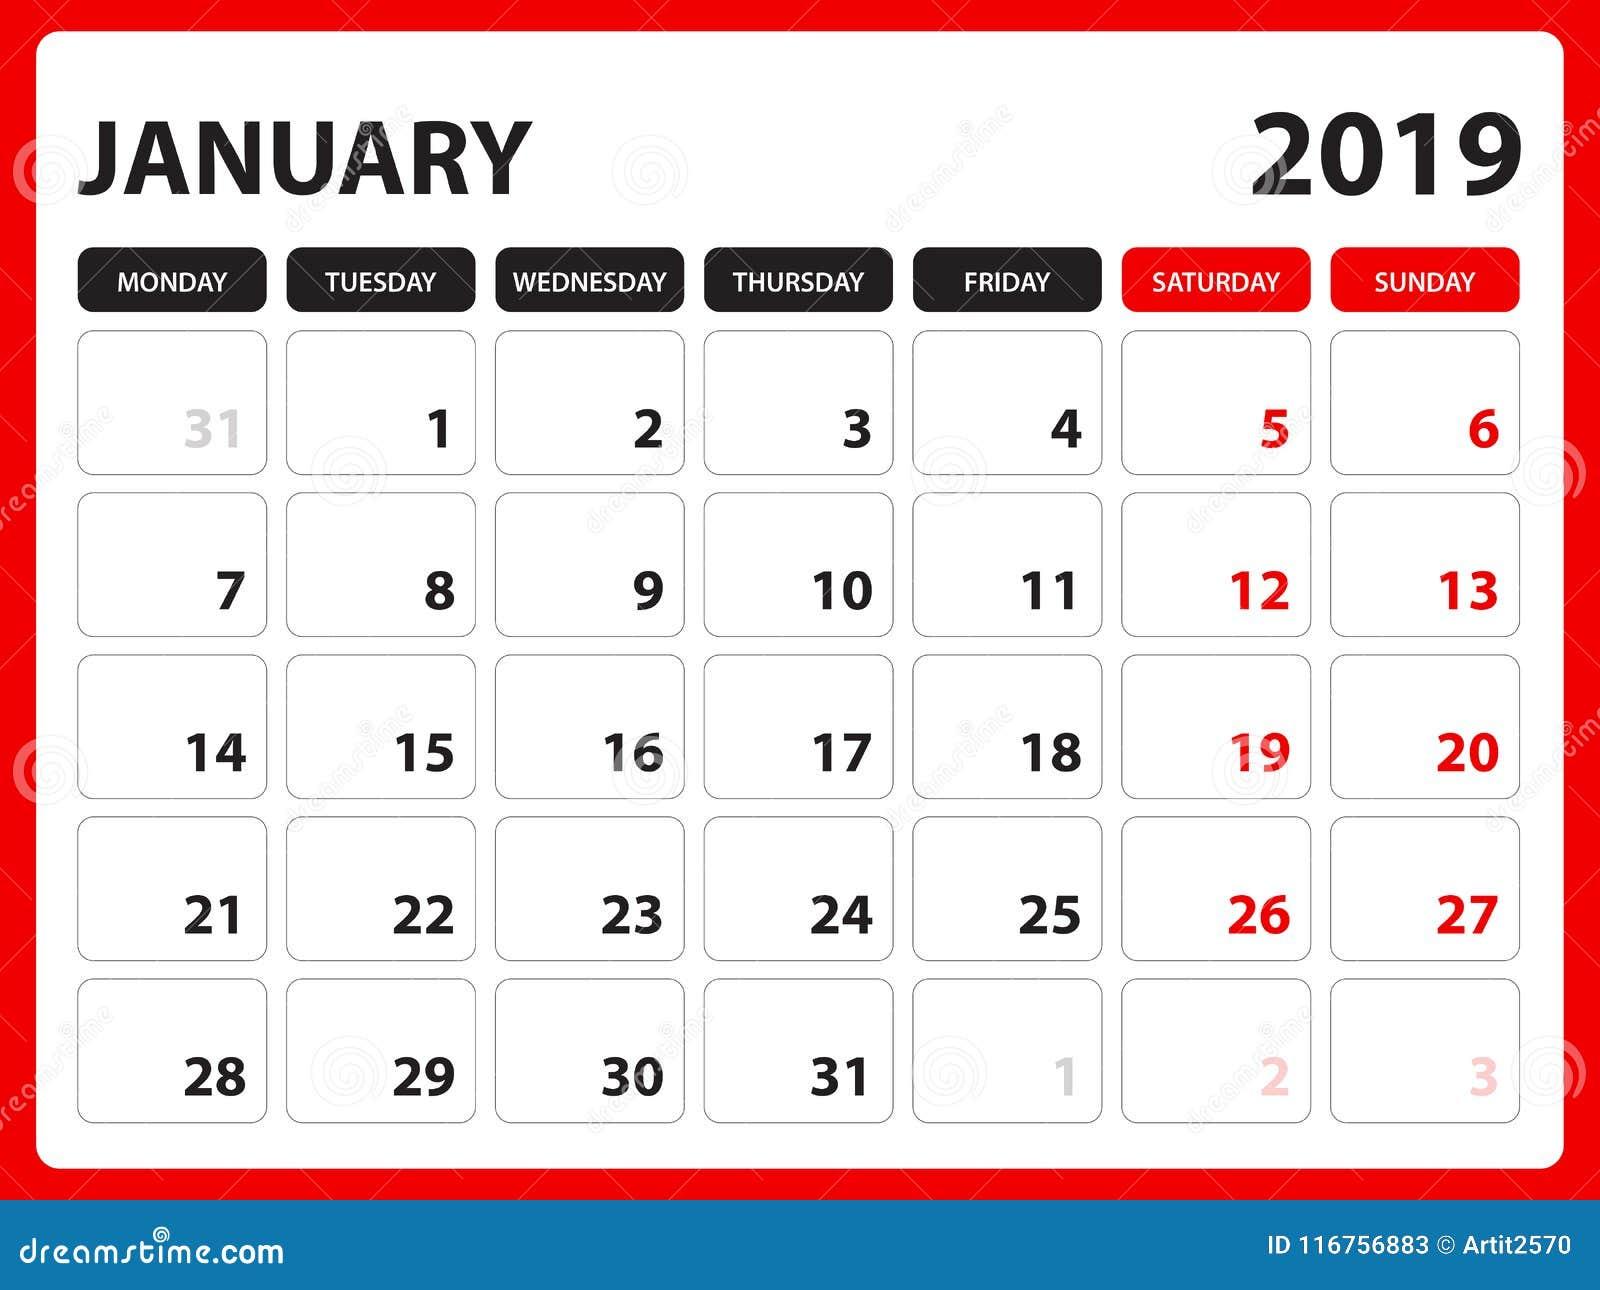 Το ημερολόγιο γραφείων για το πρότυπο τον Ιανουάριο του 2019, εκτυπώσιμο ημερολόγιο, πρότυπο σχεδίου αρμόδιων για το σχεδιασμό, ε